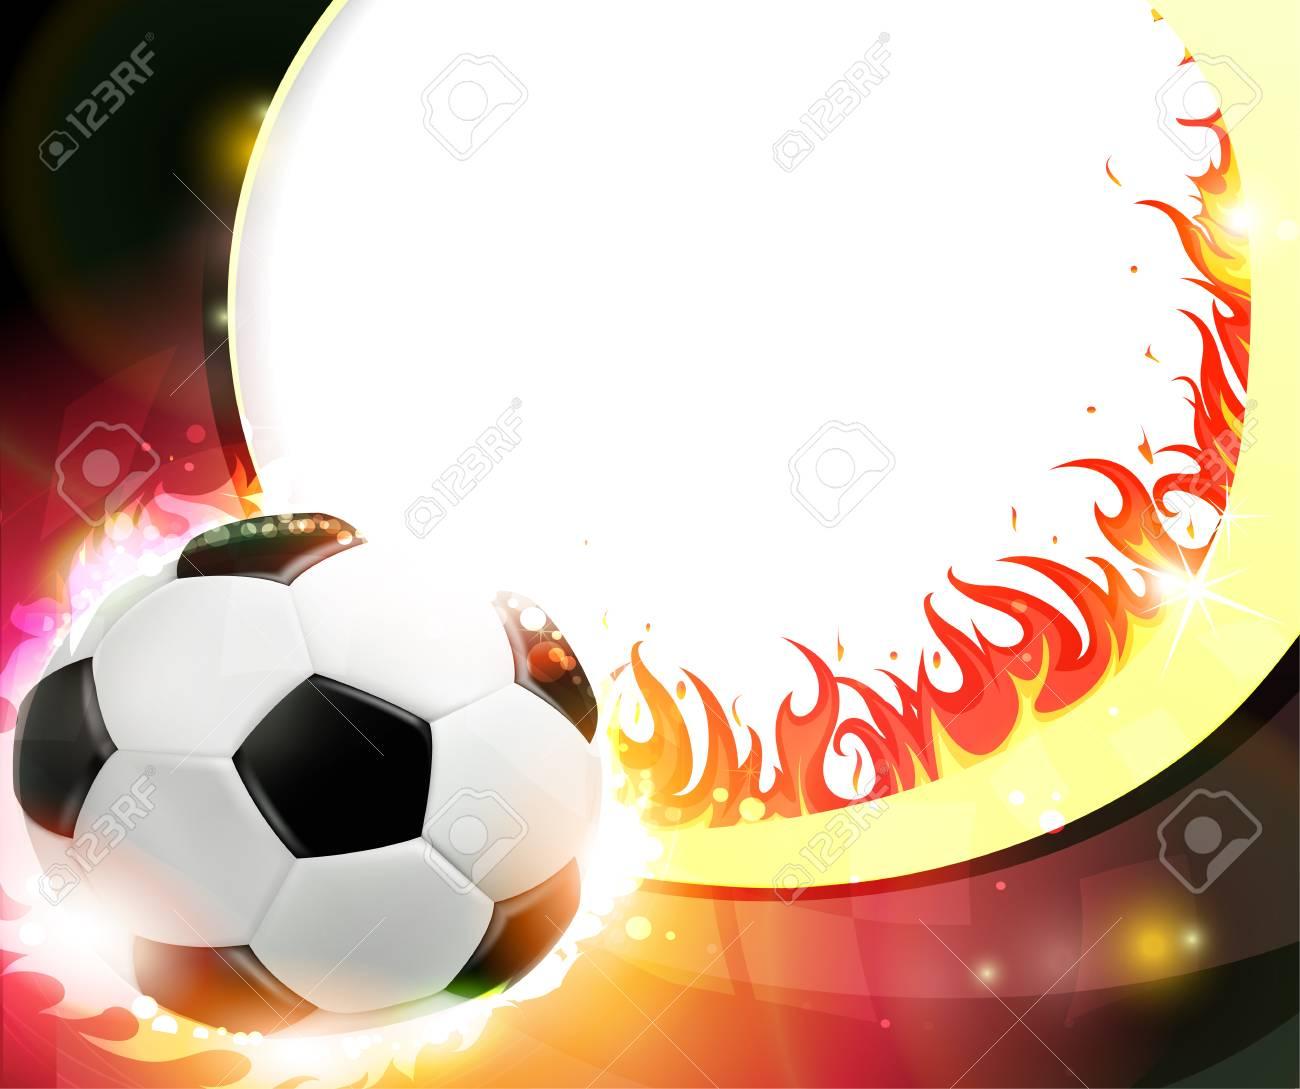 Foto de archivo - Llamas balón de fútbol sobre un fondo ardiente. Resumen  de fondo futbol. b01d010ea1ddb